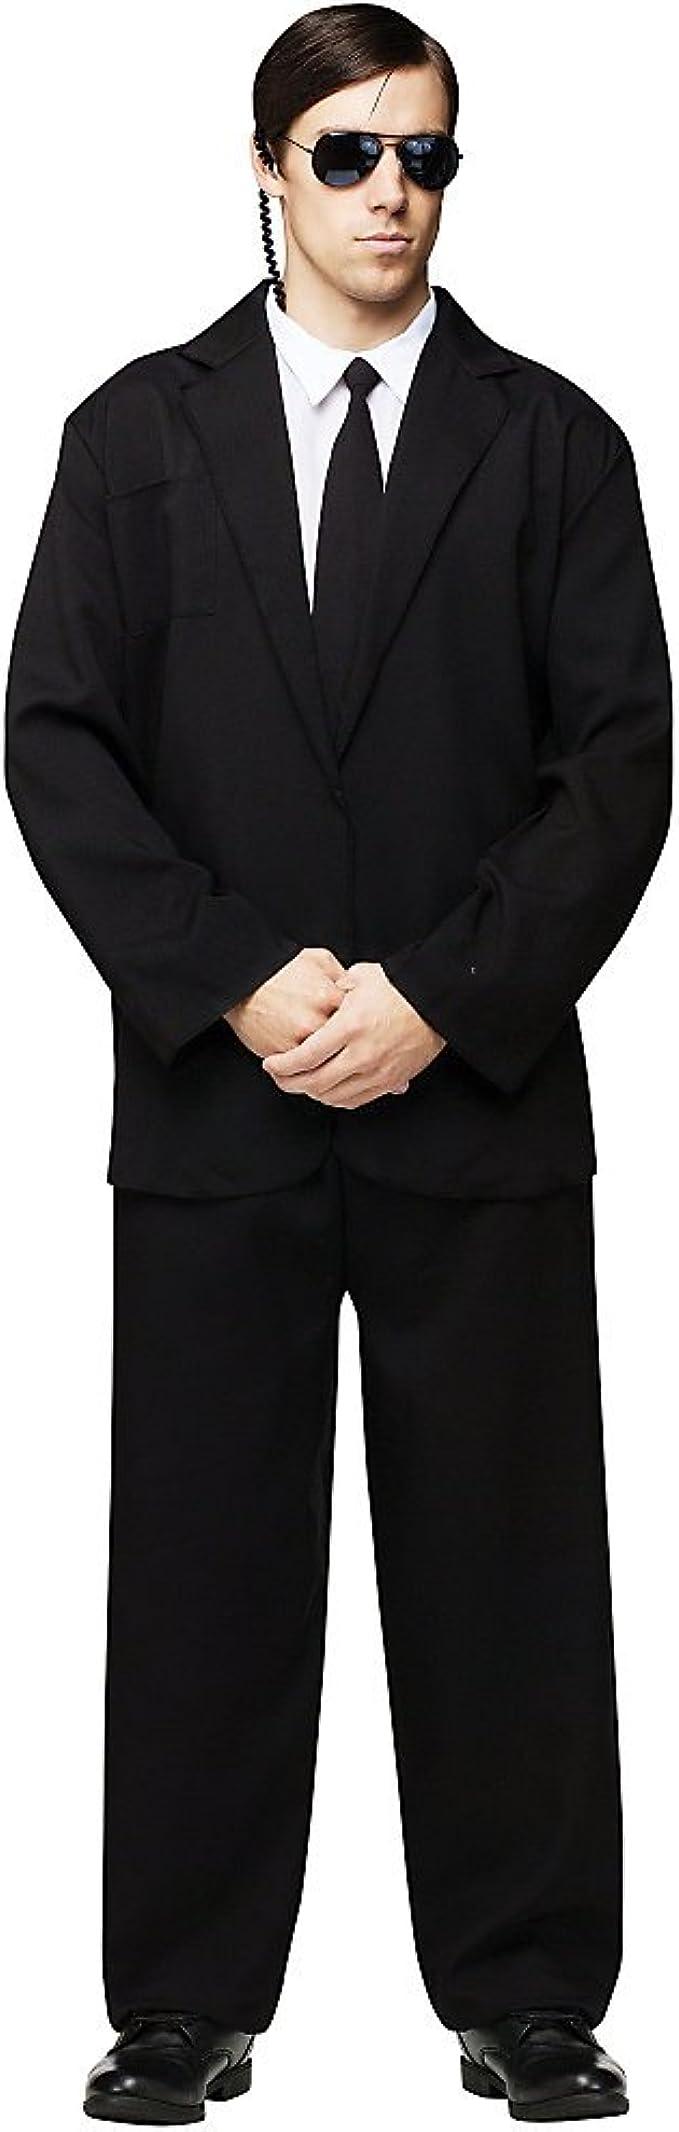 Amazon.com: FunWorld de los hombres traje negro completo ...